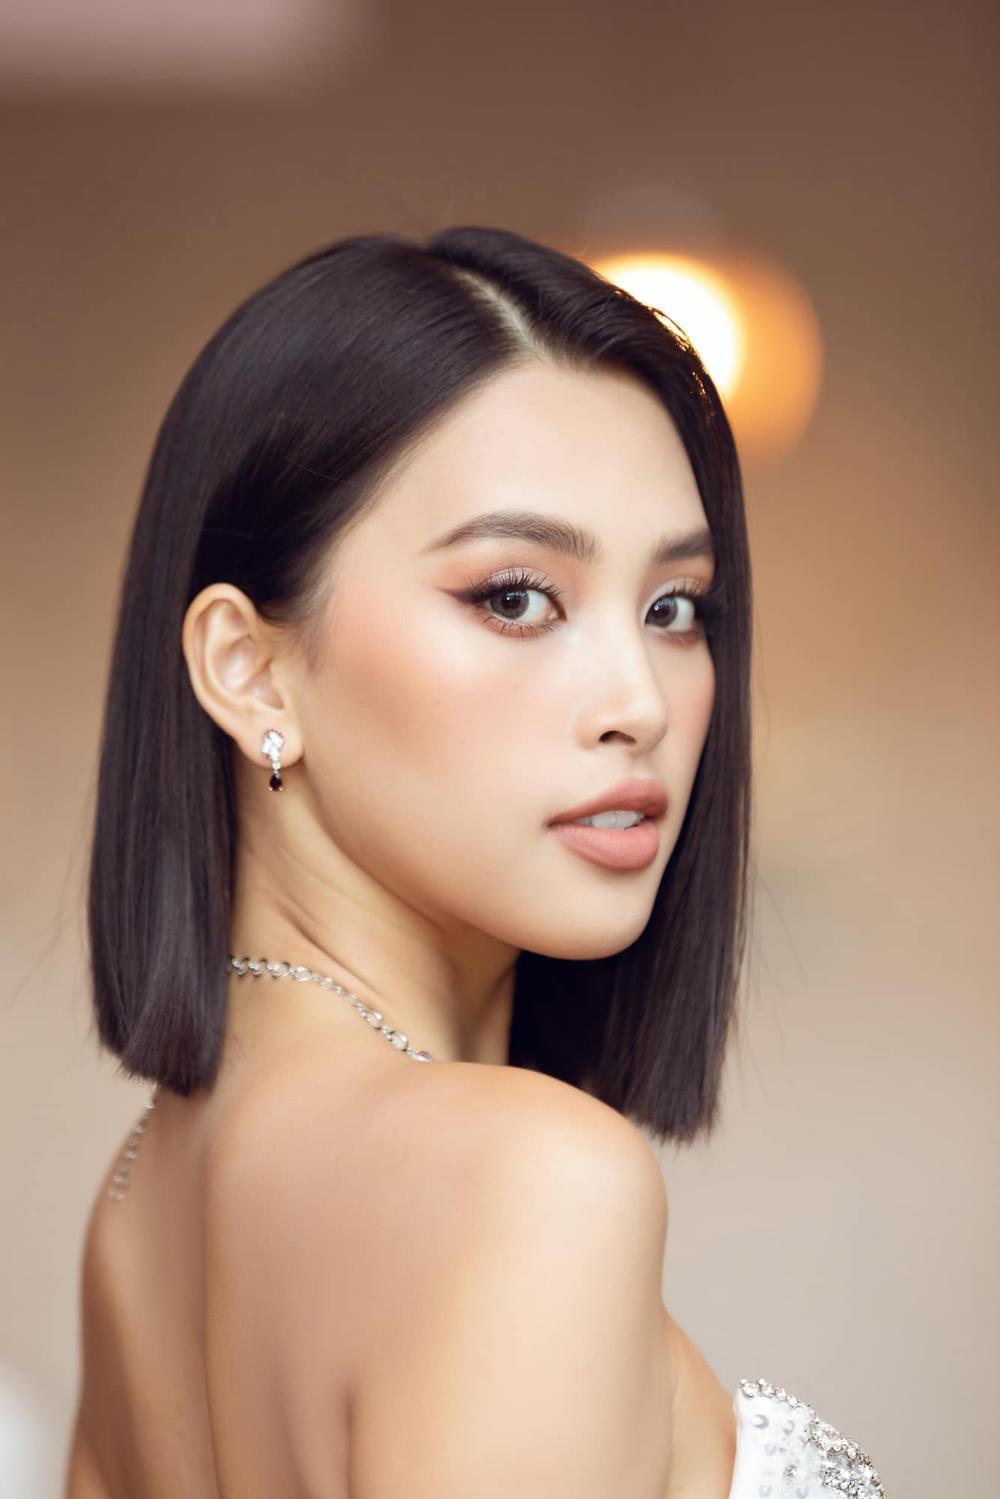 Hoa hậu Tiểu Vy: 'Với vai trò giám khảo Miss World Vietnam, tôi sẽ làm mọi người nhìn nhận khác về mình' Ảnh 2